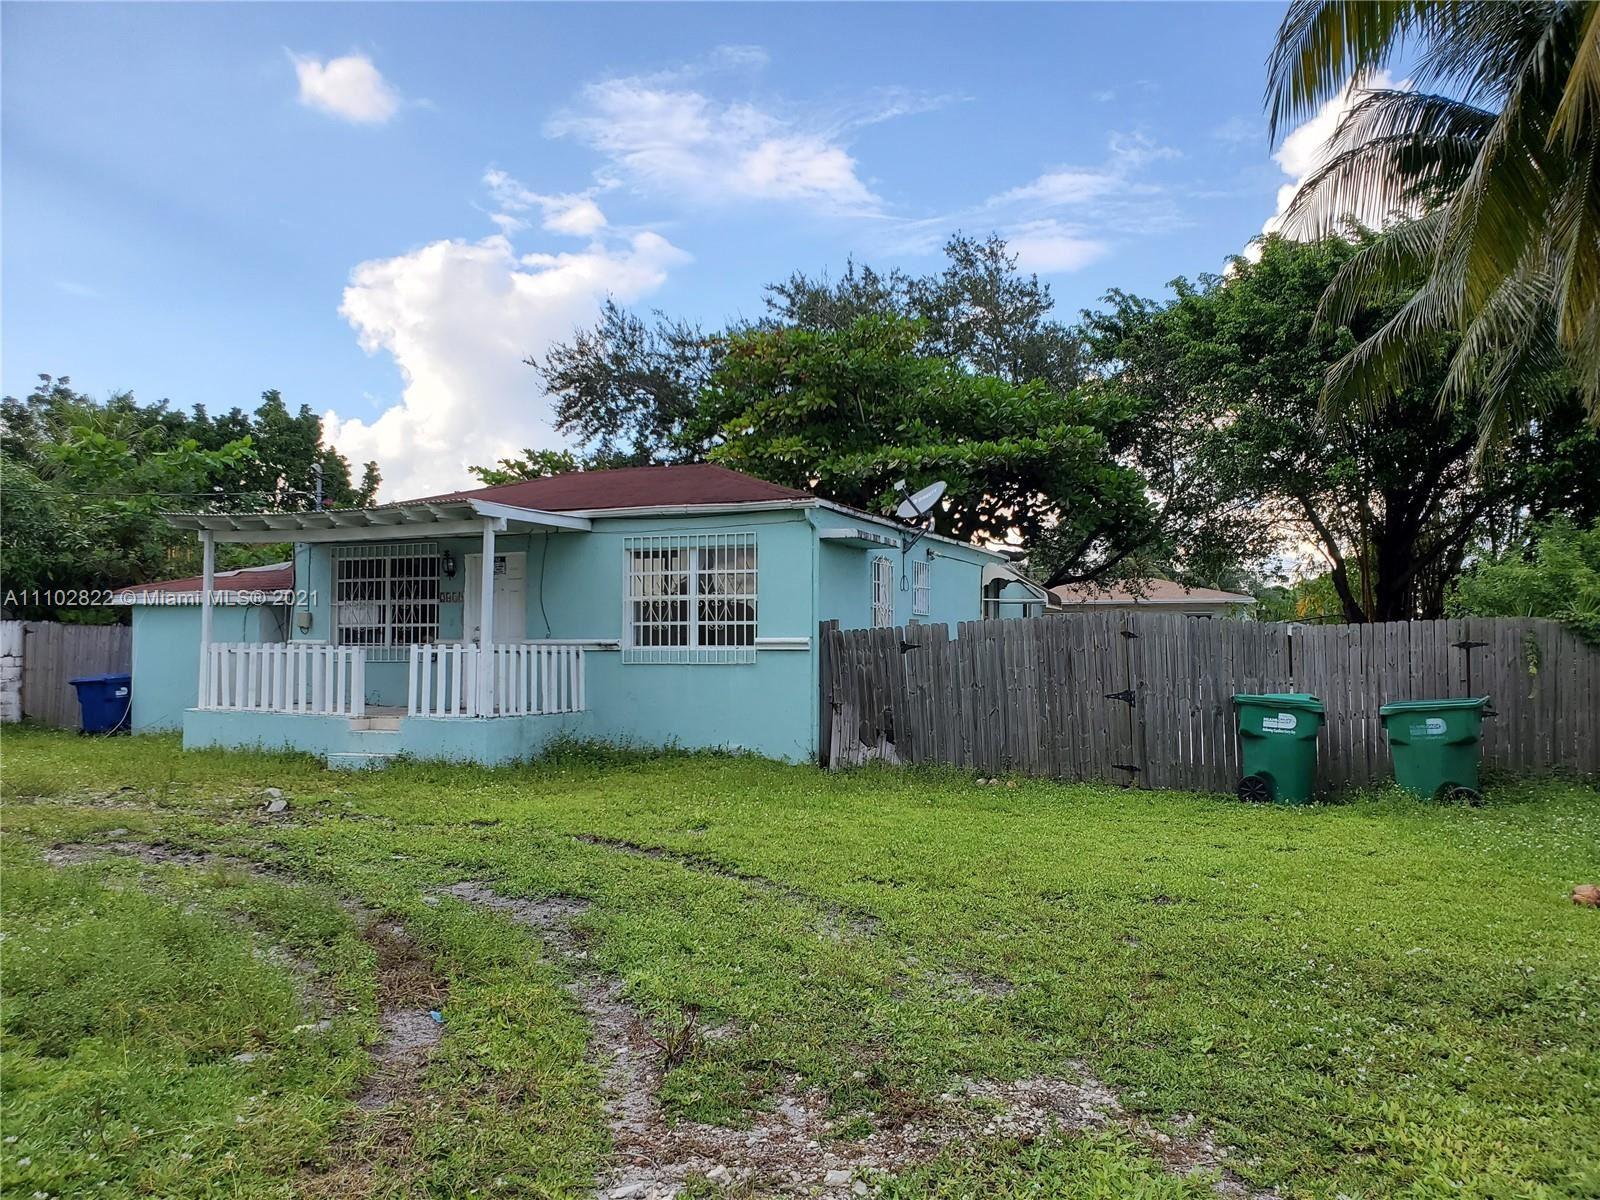 2419 NW 97th ST, Miami, FL 33147 - #: A11102822